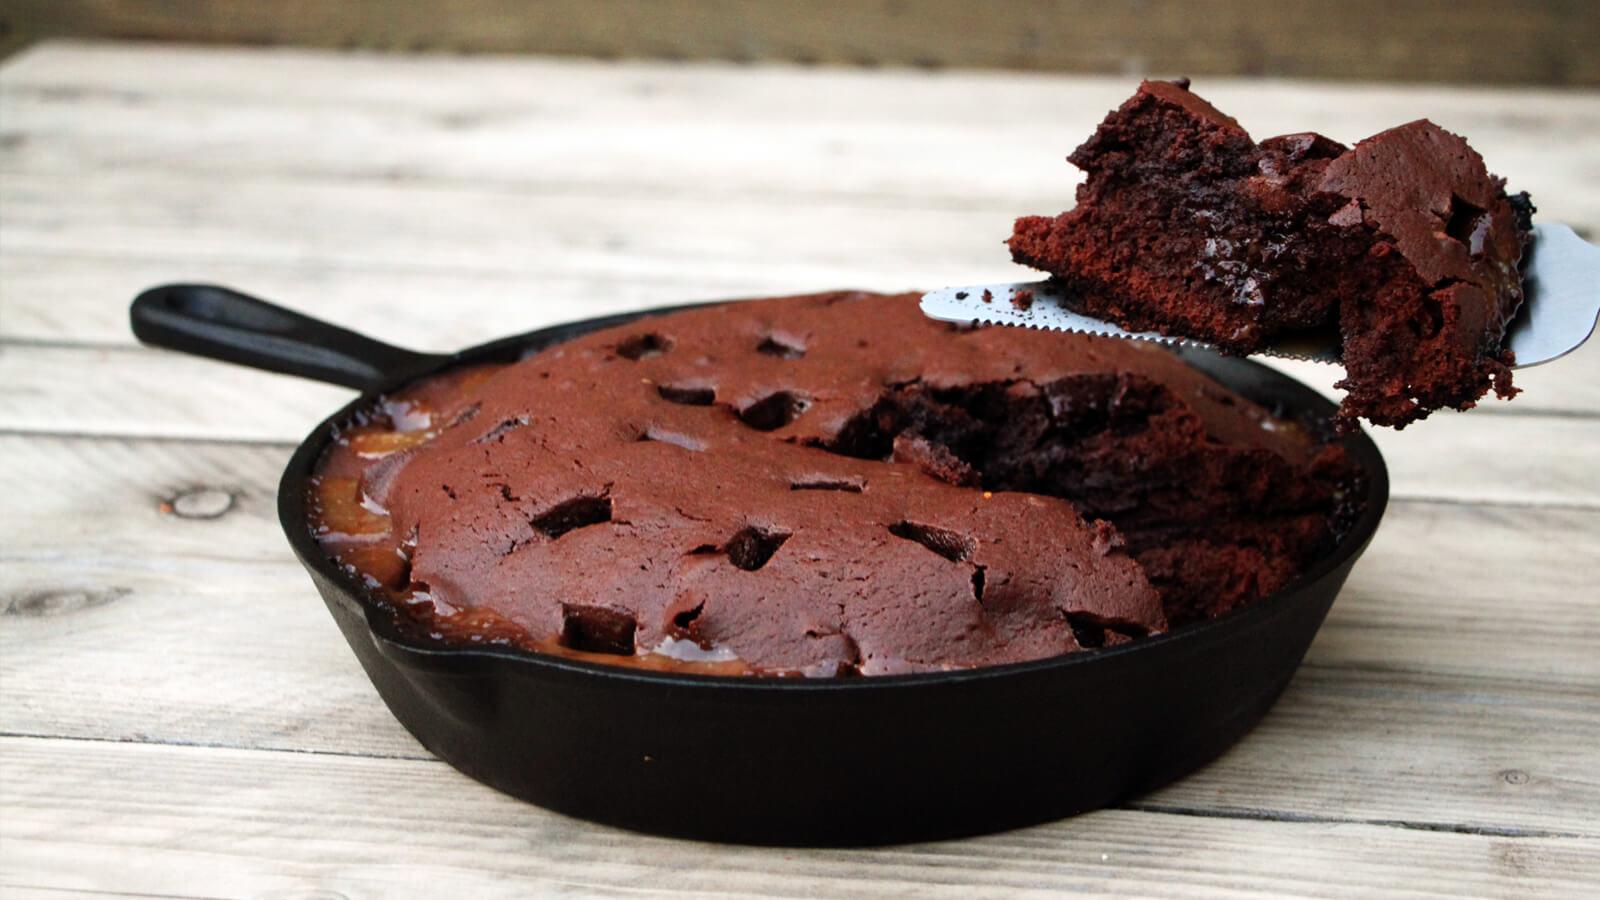 Deze Karamel Fudge Brownie is heerlijk als dessert van de BBQ!